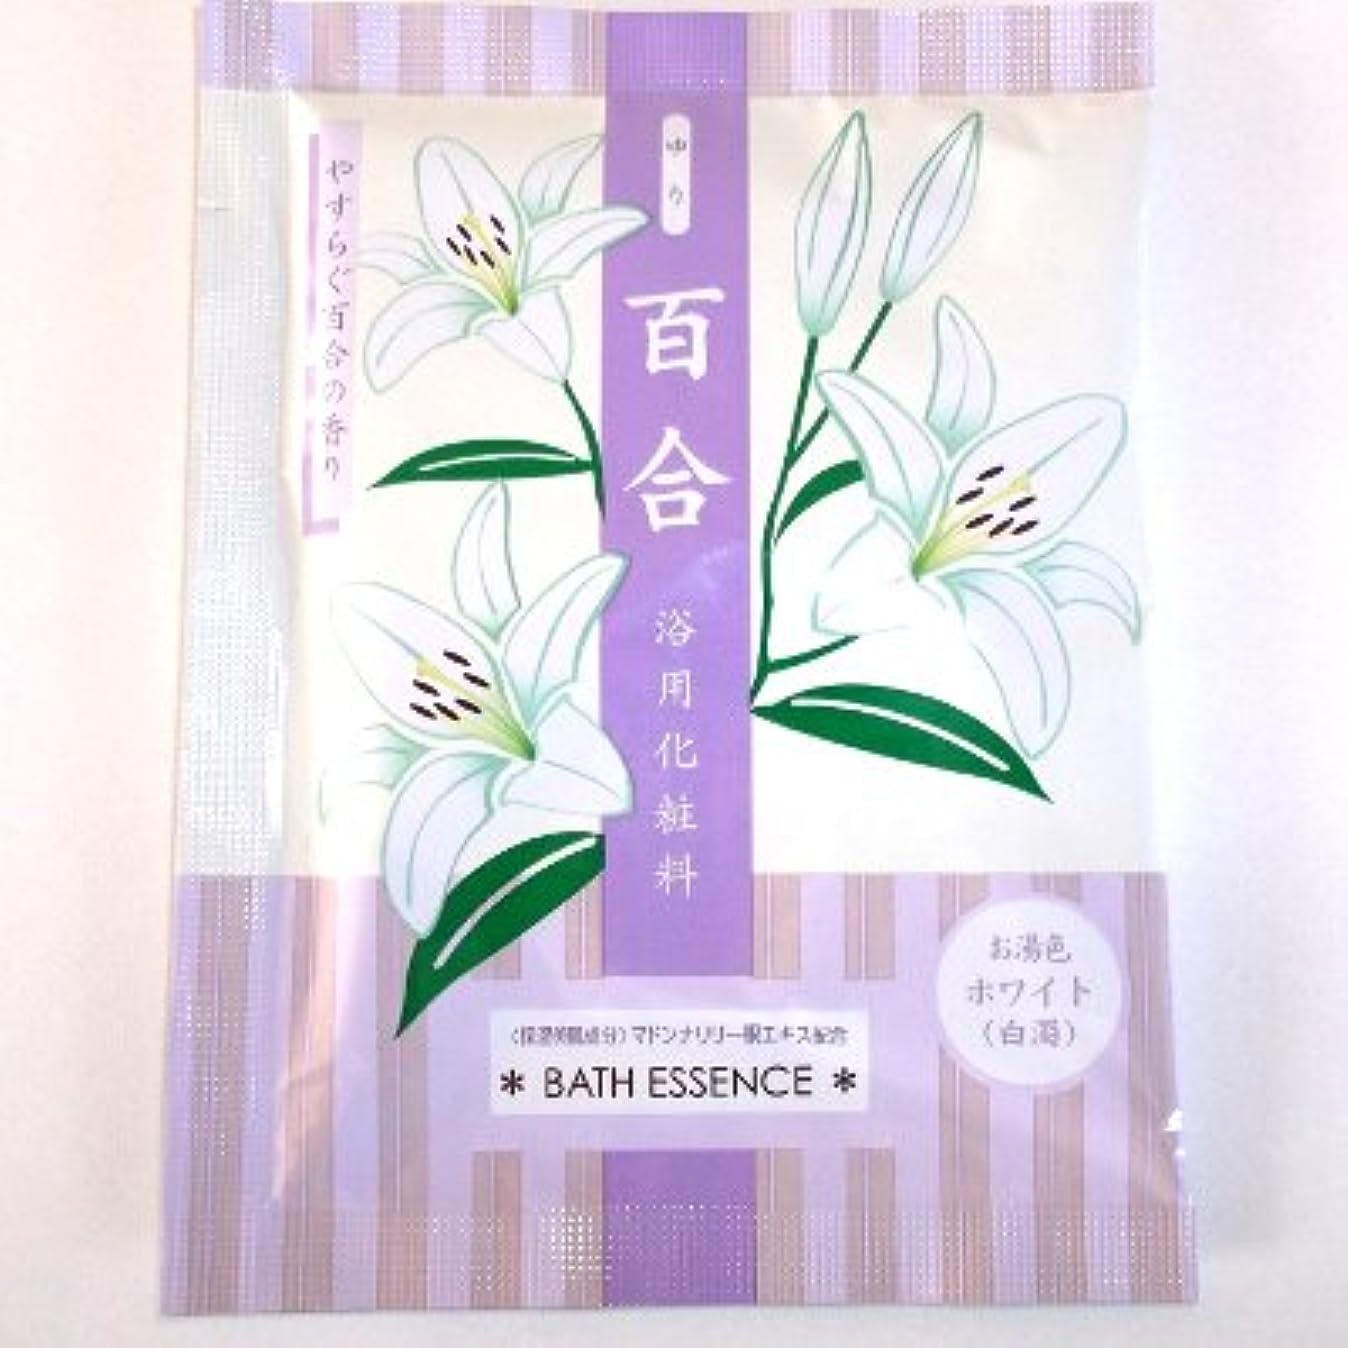 小競り合いフラフープくしゃみ花の入浴料 やすらぐ百合の香り